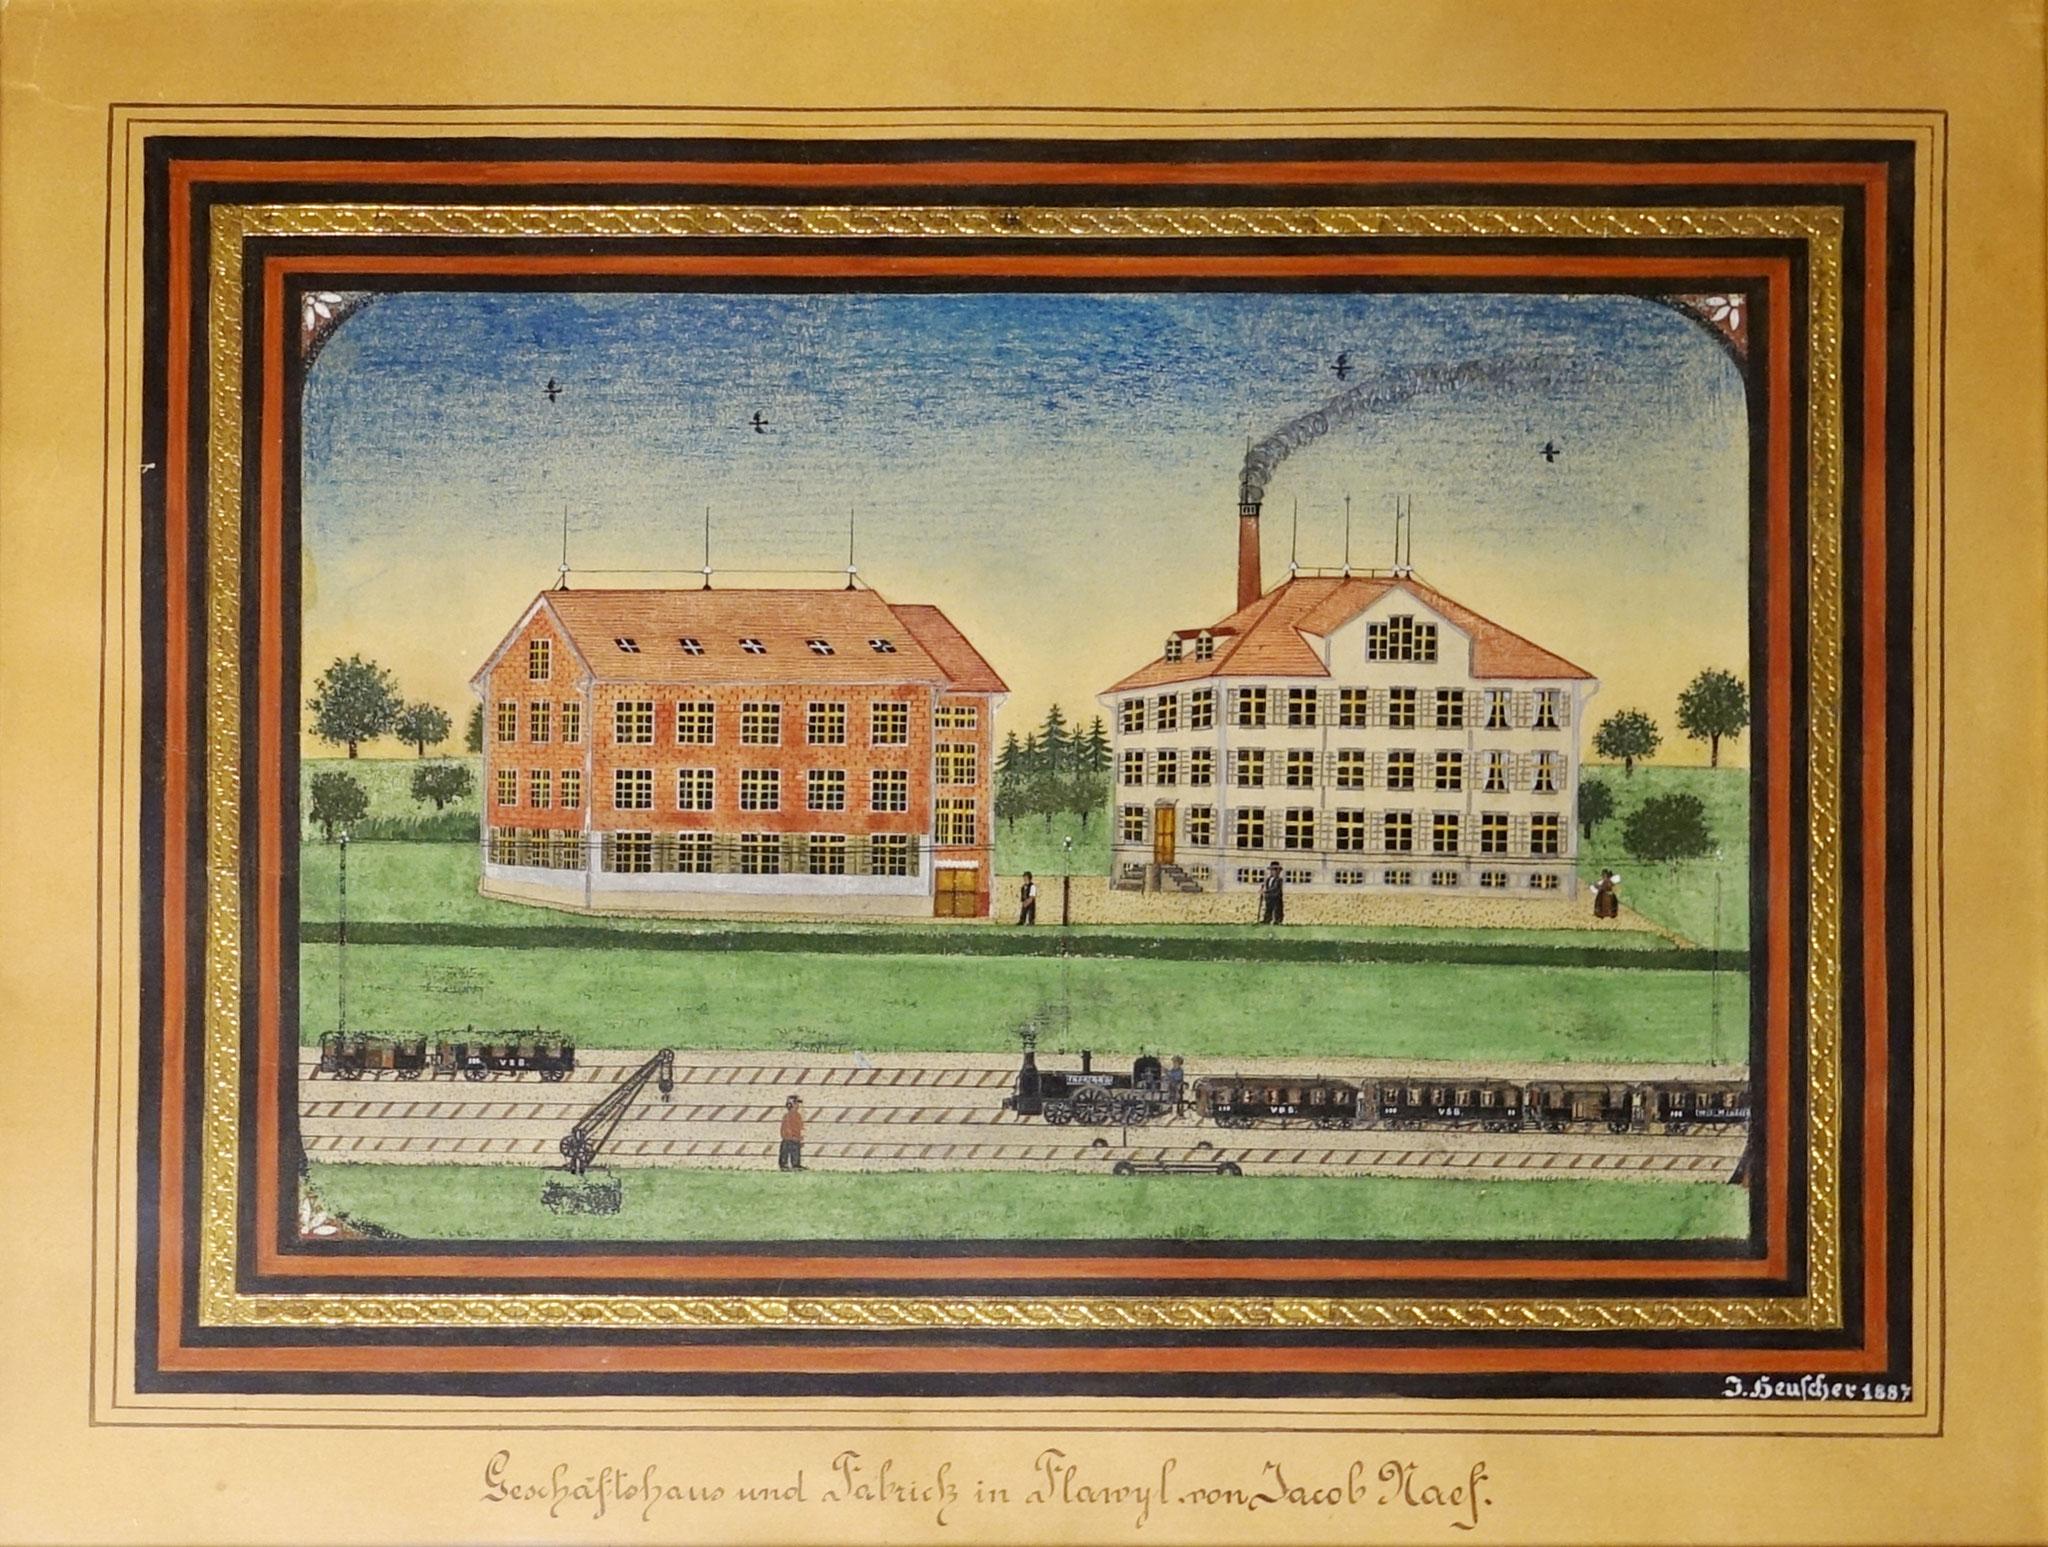 Darstellung der Stickerei A. Naef an der Säntisstrasse vom bekannten Bauernmaler und Entwerfer J.J. Heuscher, 1887